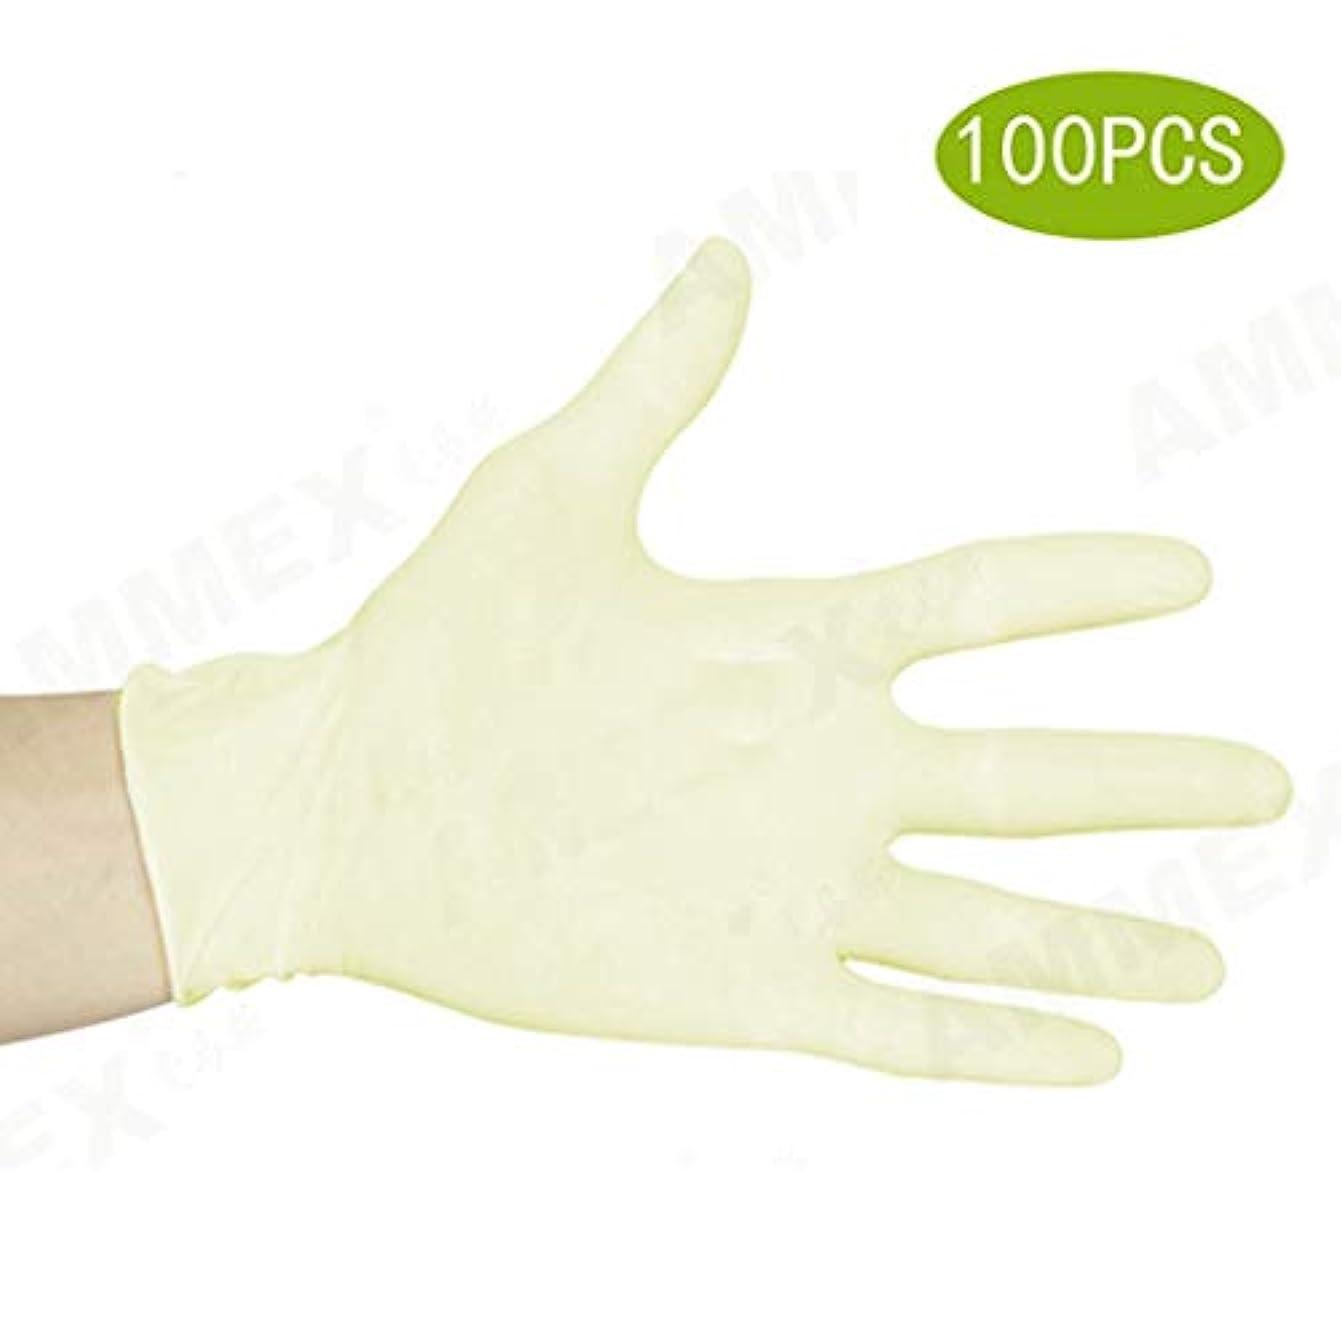 ニトリル手袋、パウダーフリー、ラテックスゴムフリー、使い捨て手袋 - 非滅菌、食品安全、医療用グレード、100の便利なディスペンサーパック、ビニール手袋(エクストラストレングス) (Color : Latex Gloves...